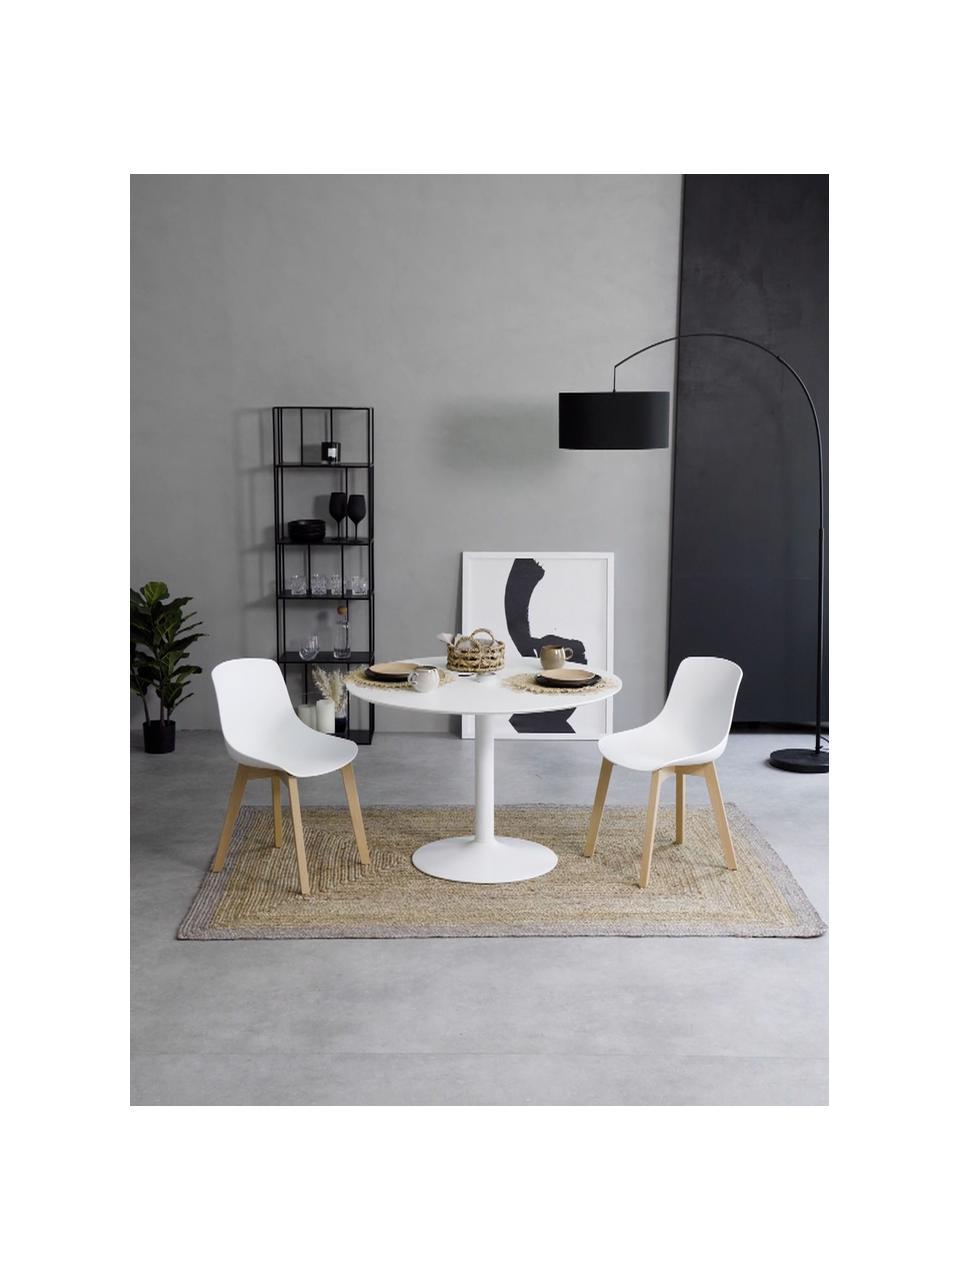 Sedia in plastica con gambe in legno Dave 2 pz, Seduta: materiale sintetico, Gambe: legno di faggio, Bianco, Larg. 46 x Alt. 52 cm